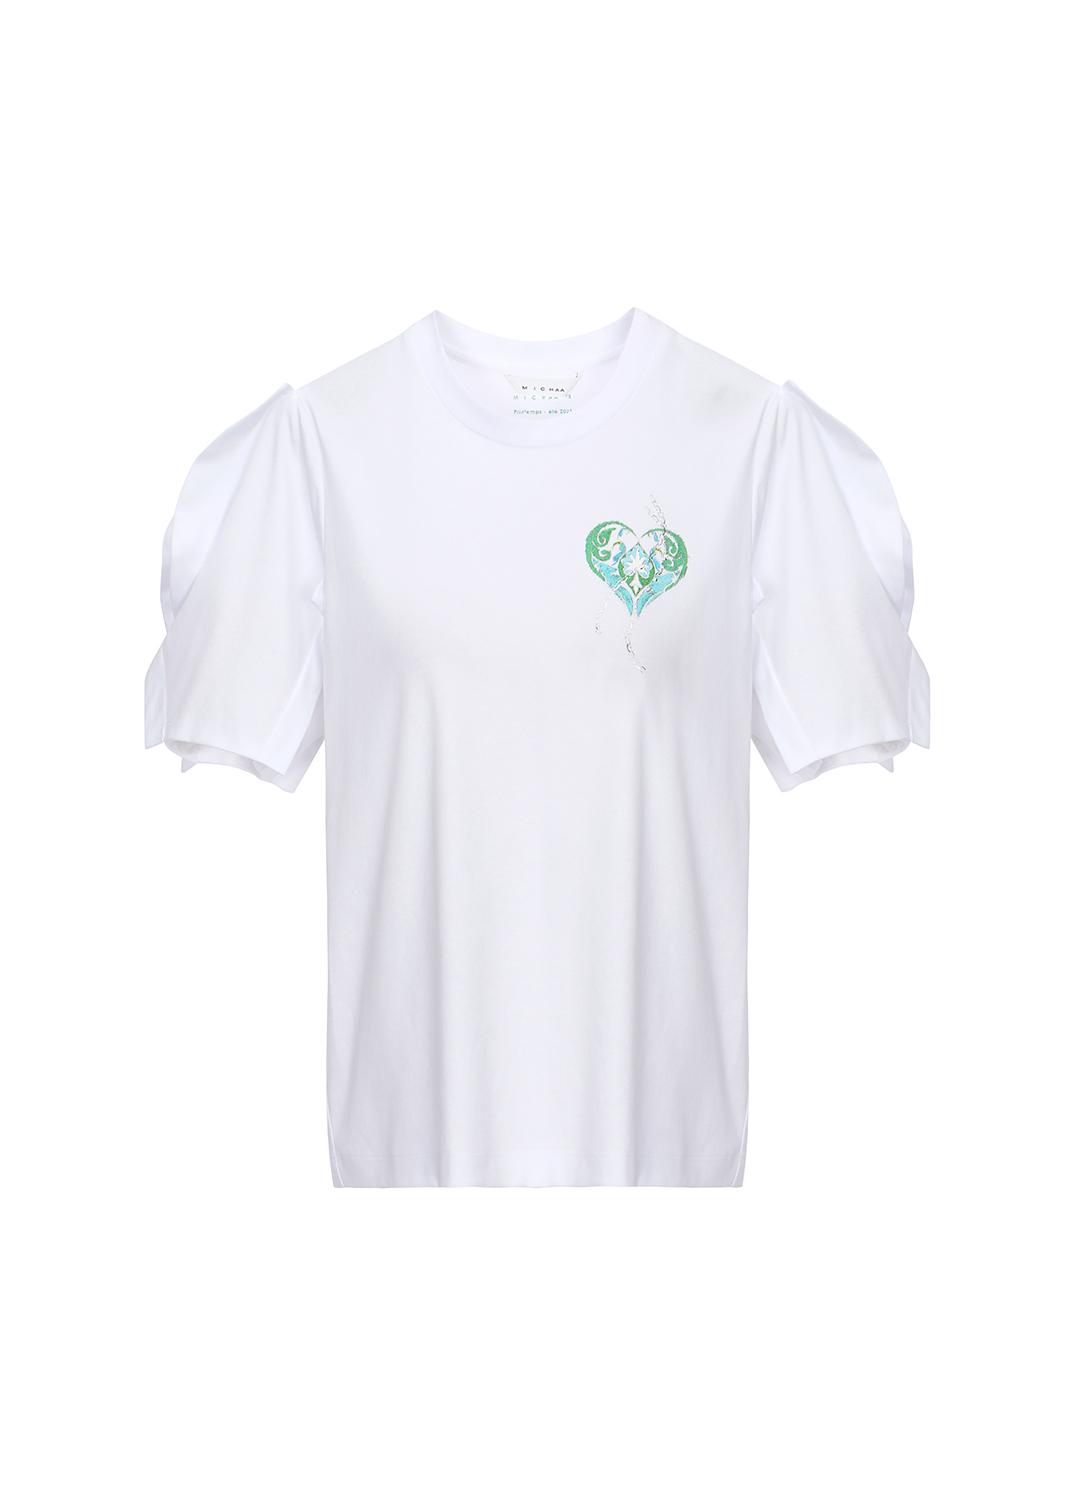 코튼 볼륨 소매 프론트 프린팅 티셔츠